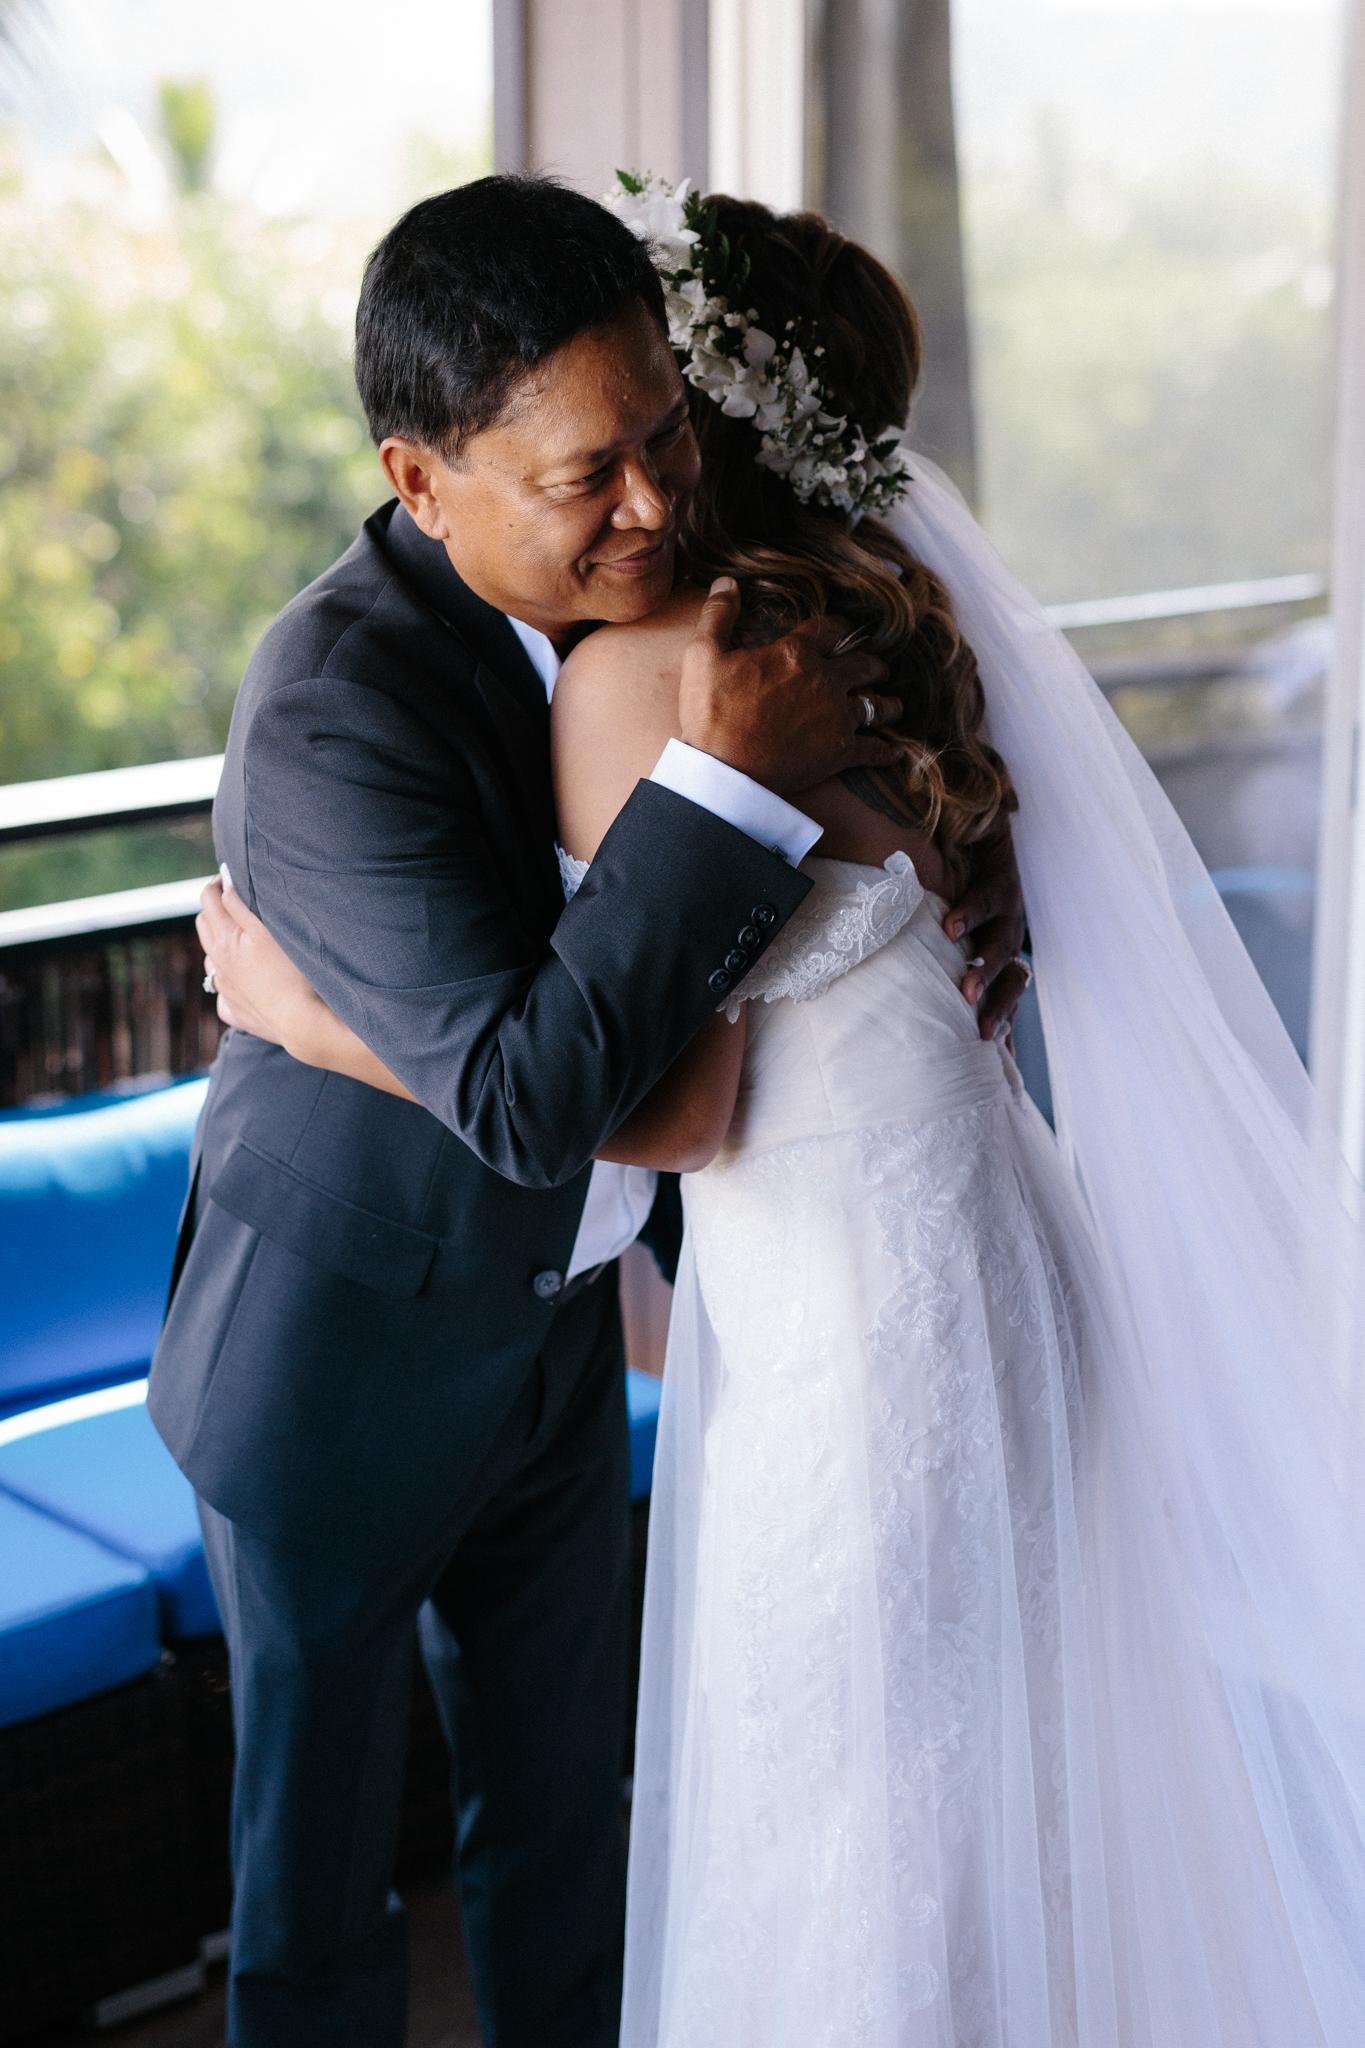 kualoa_ranch_wedding_photography_tone_hawaii-32.jpg